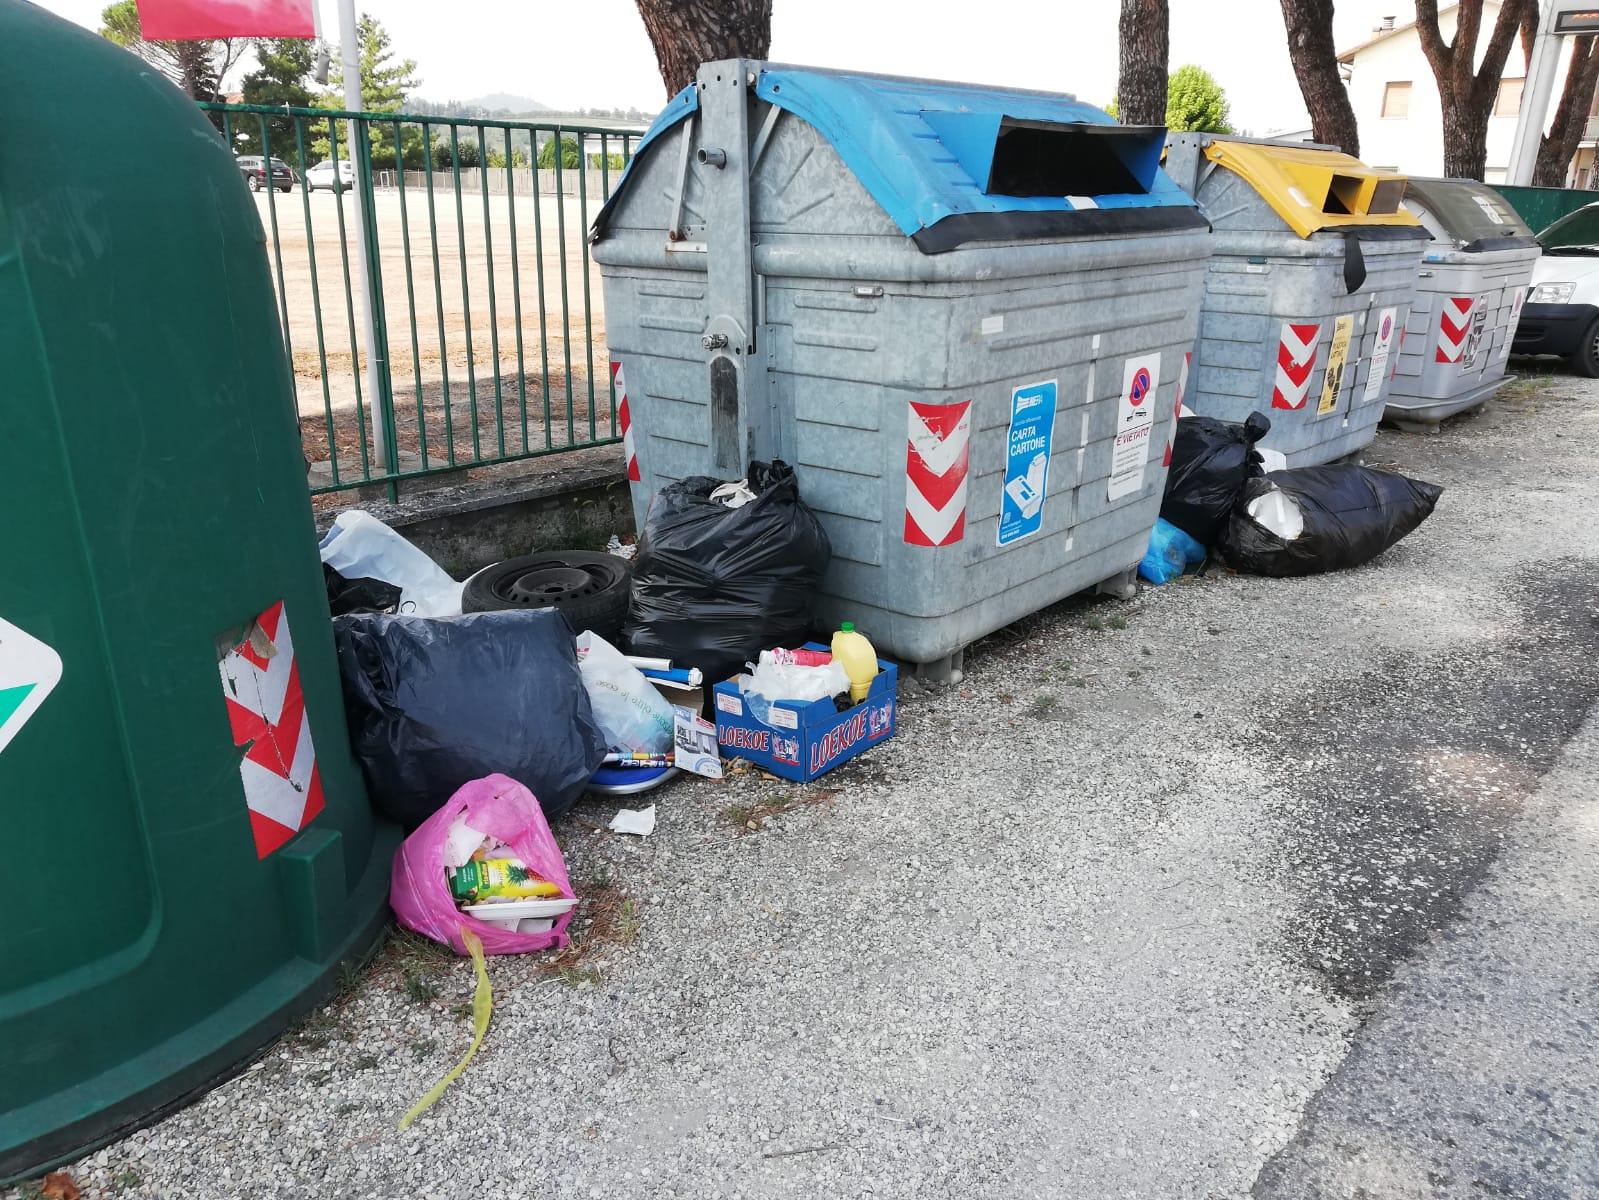 Fototrappole e agenti in campo a Cesena contro i furbetti dei rifiuti